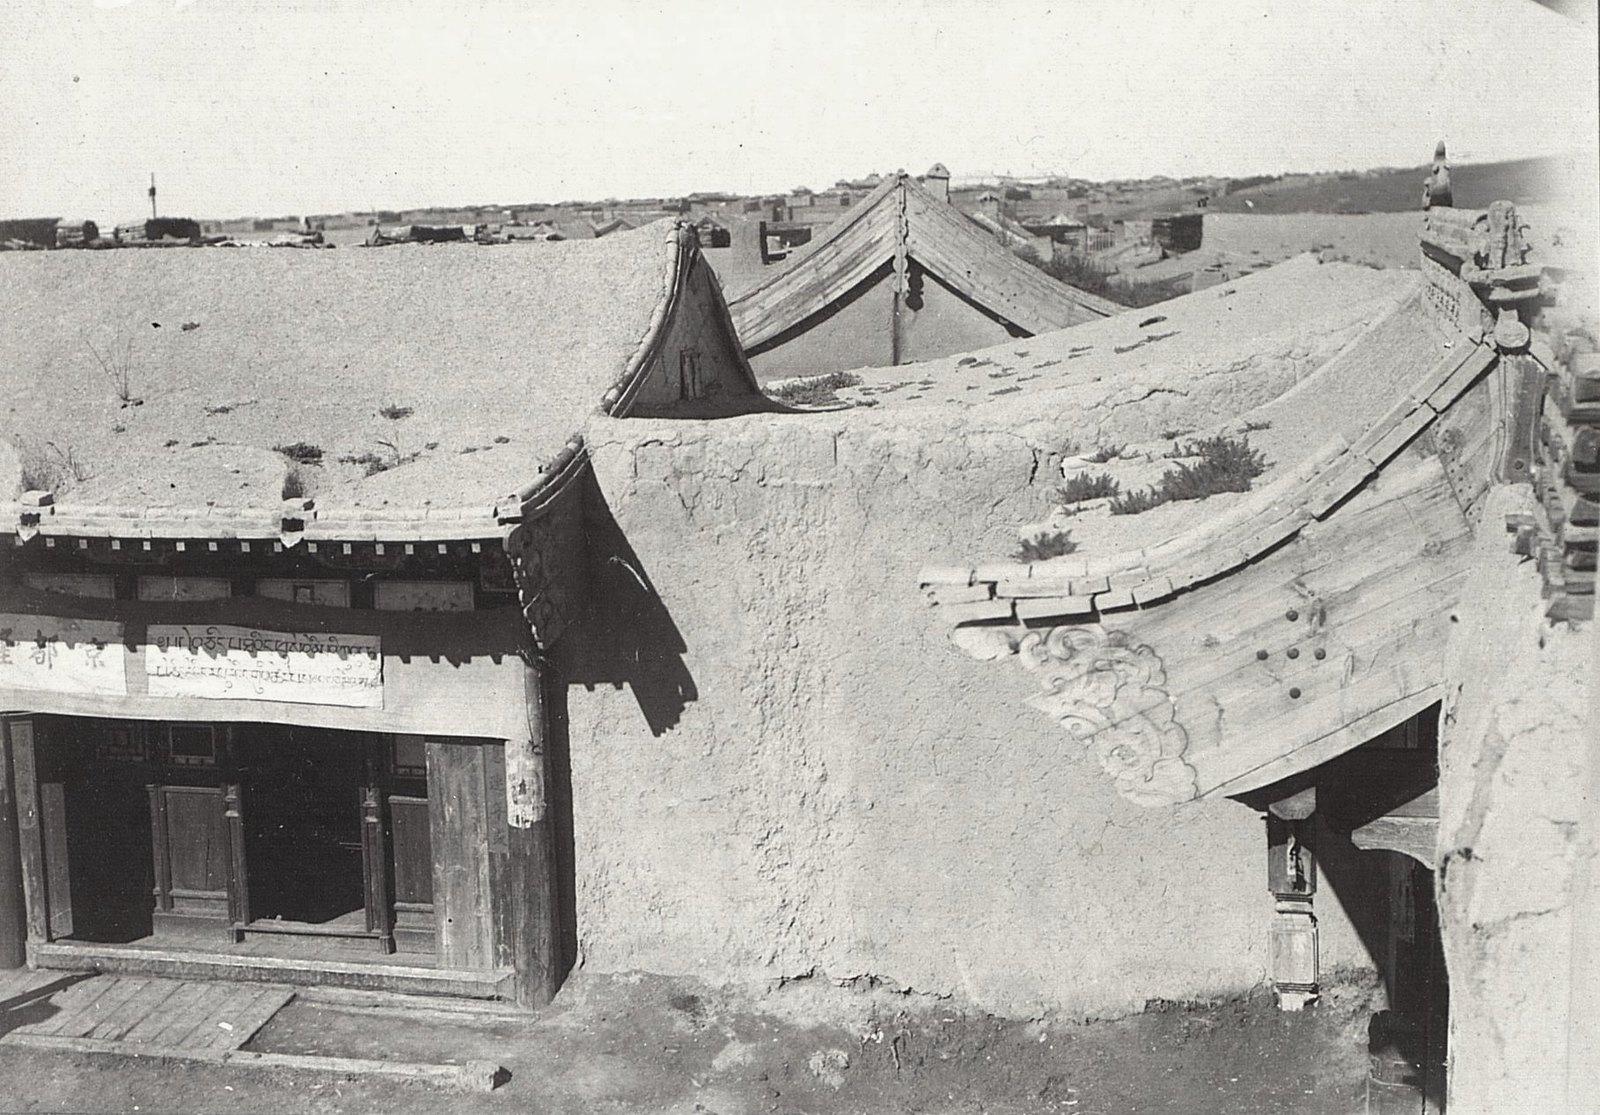 Урга. Фасад китайской лавки